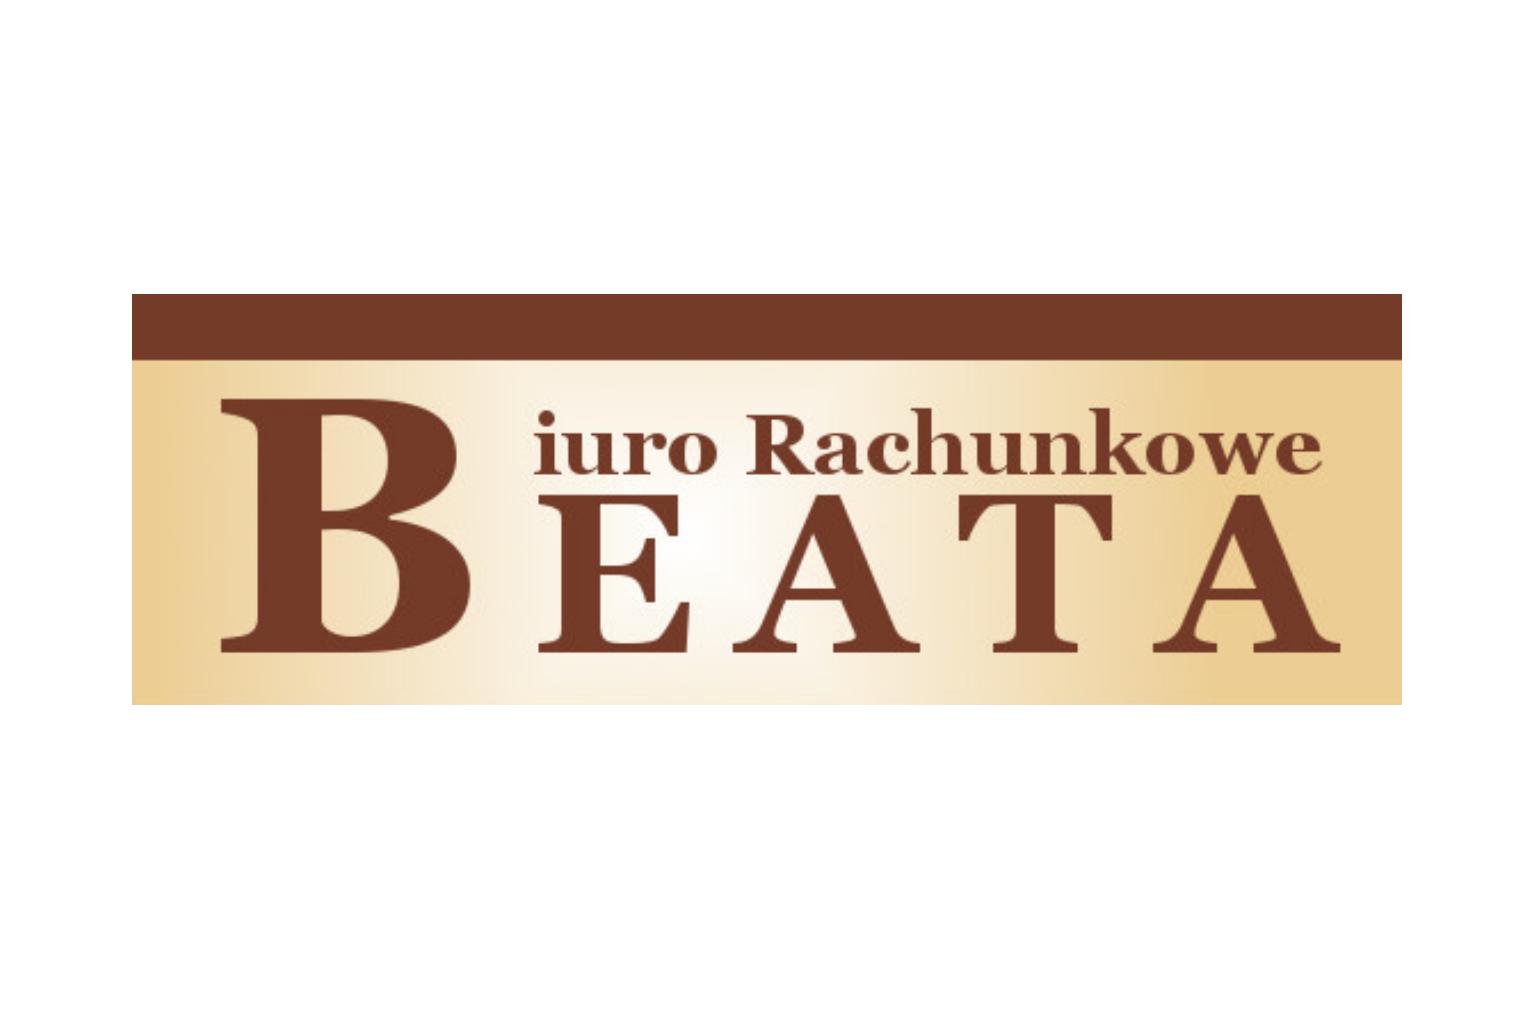 biuro rachunkowe BEATA